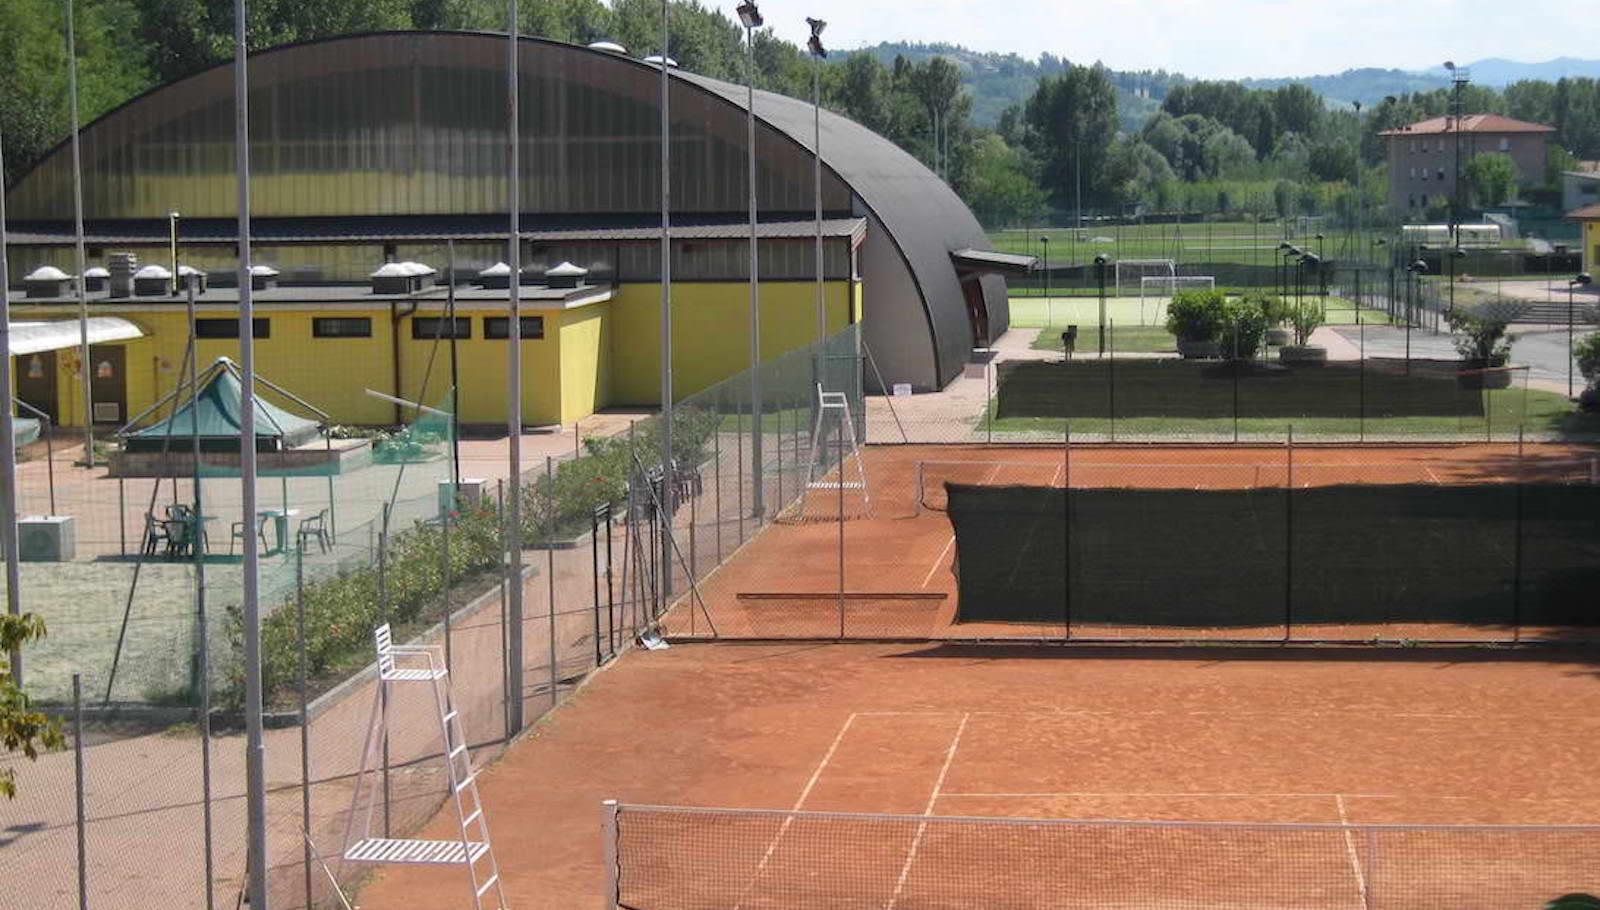 campi tennis bazzano